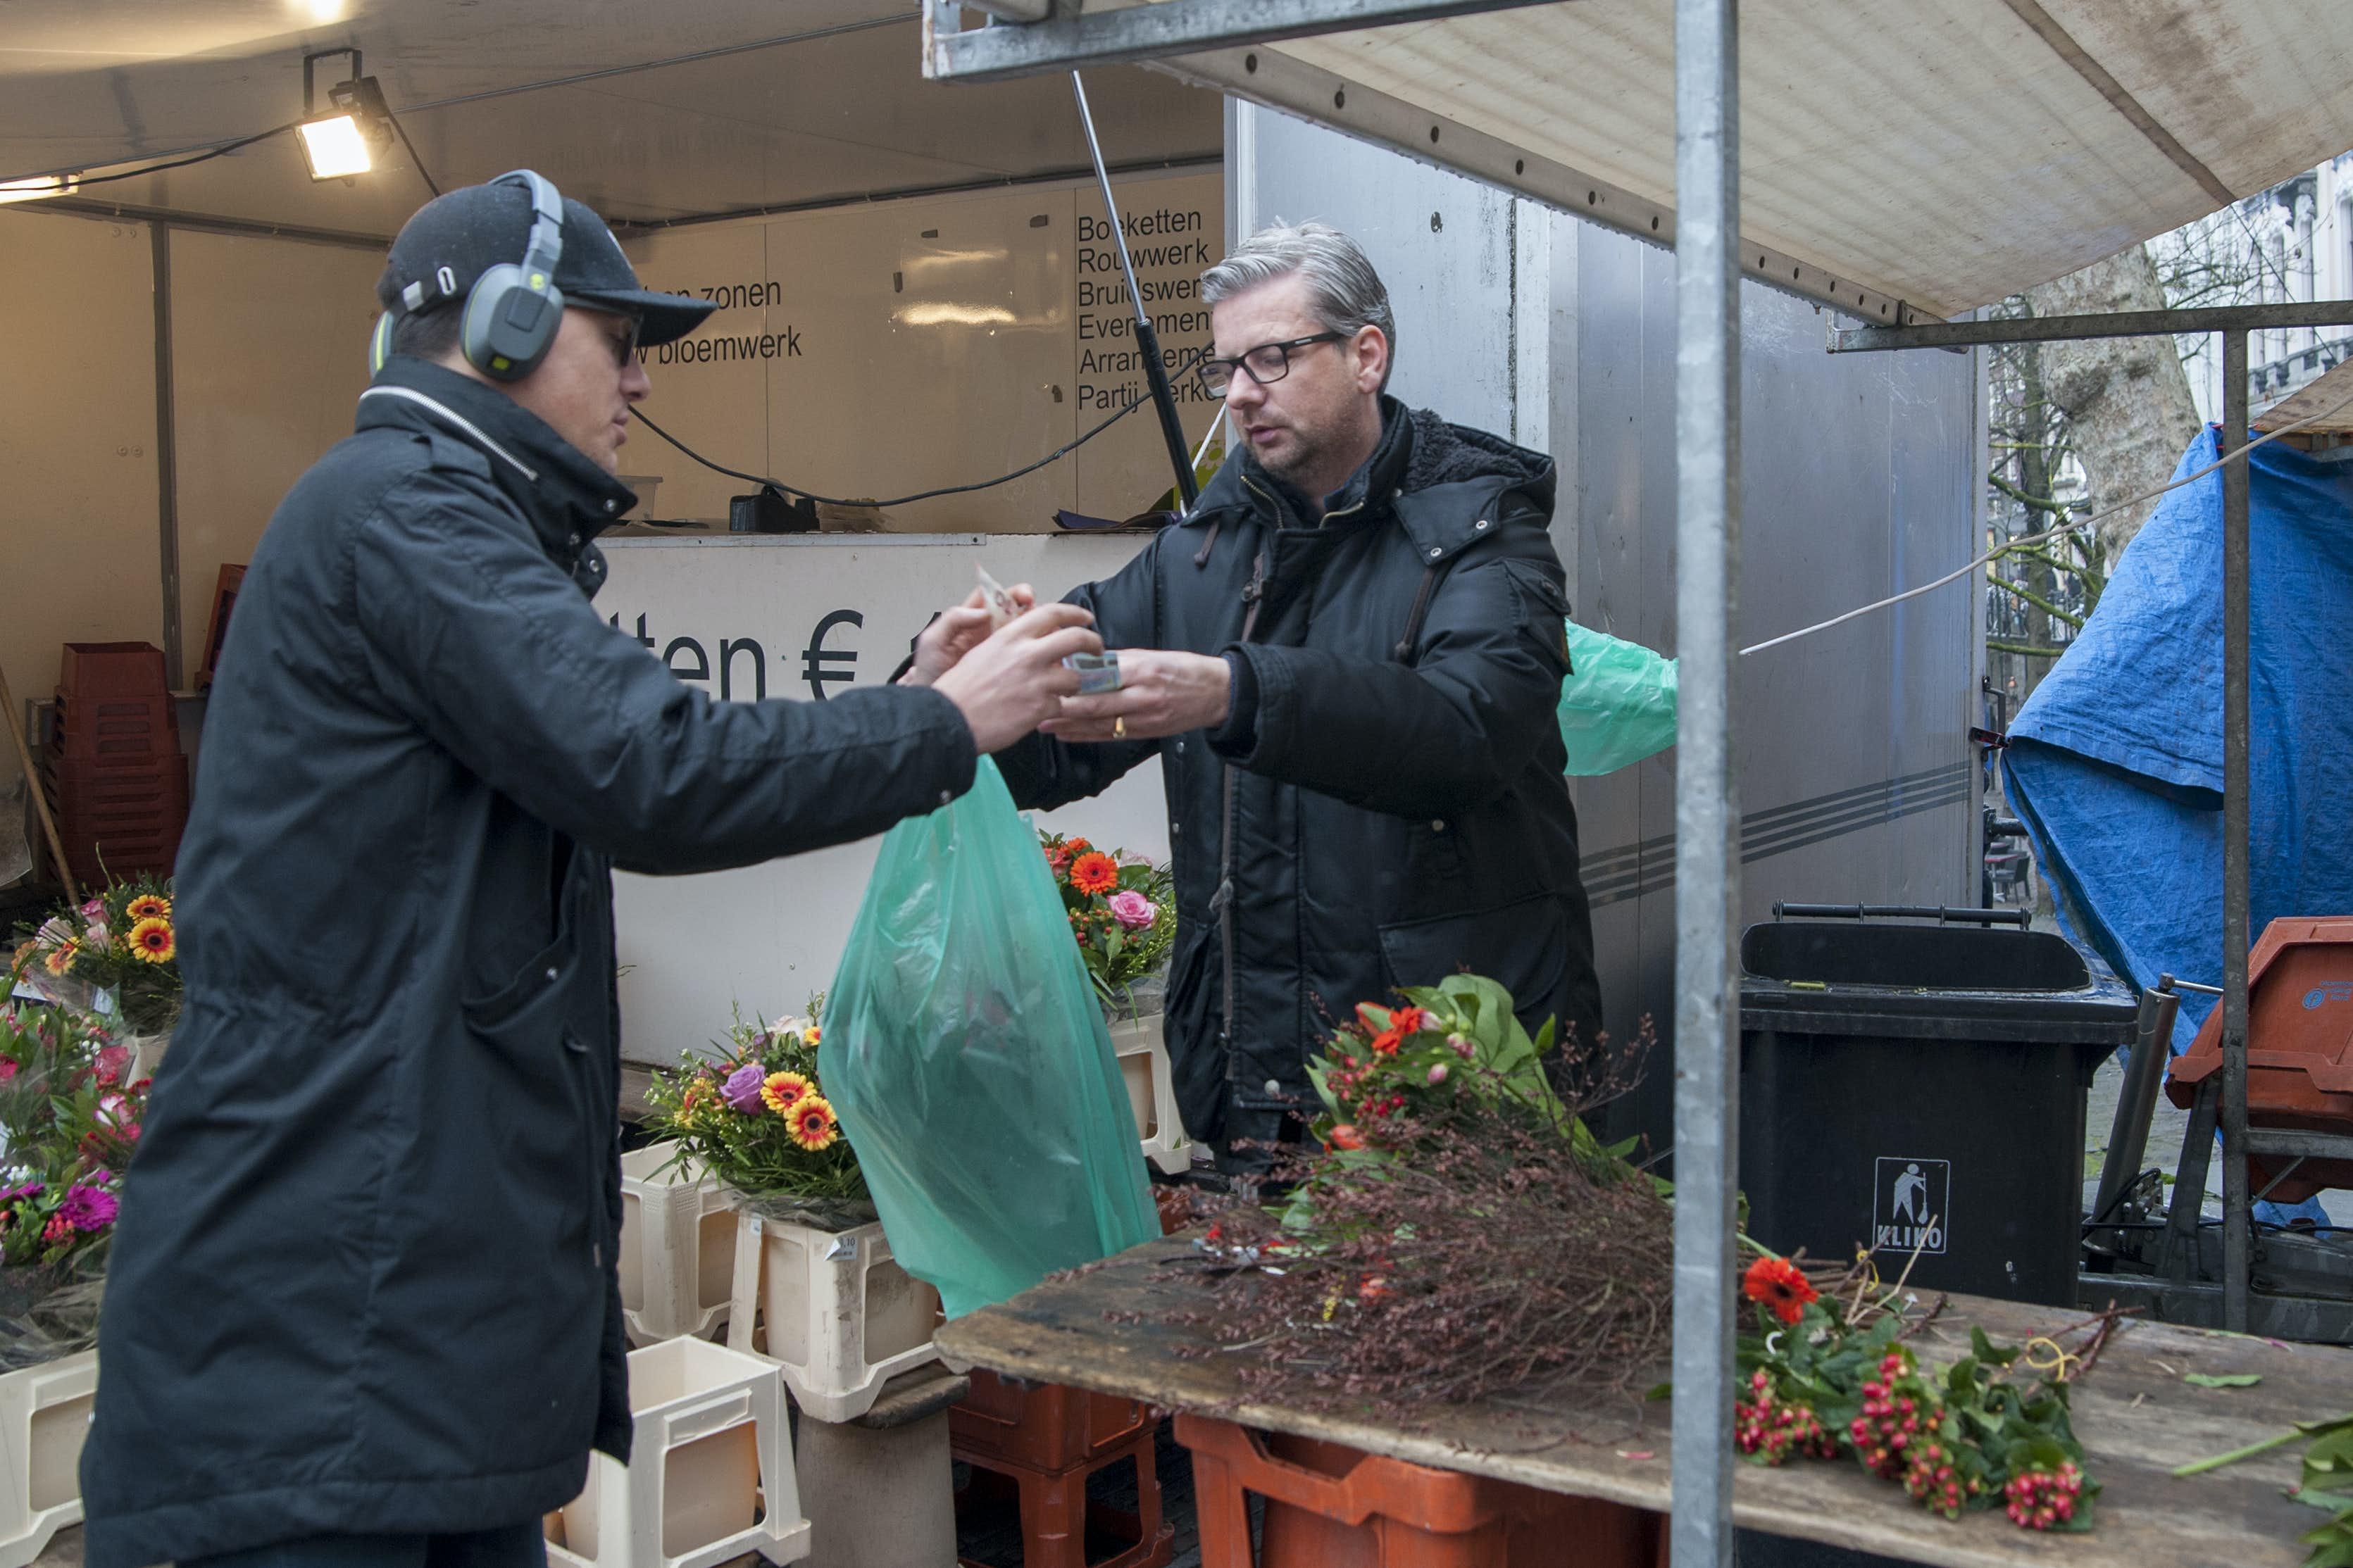 Welp De werkplek van eigenaar bloemenkiosk Bakkerbrug: 'Schreeuwen om YH-08